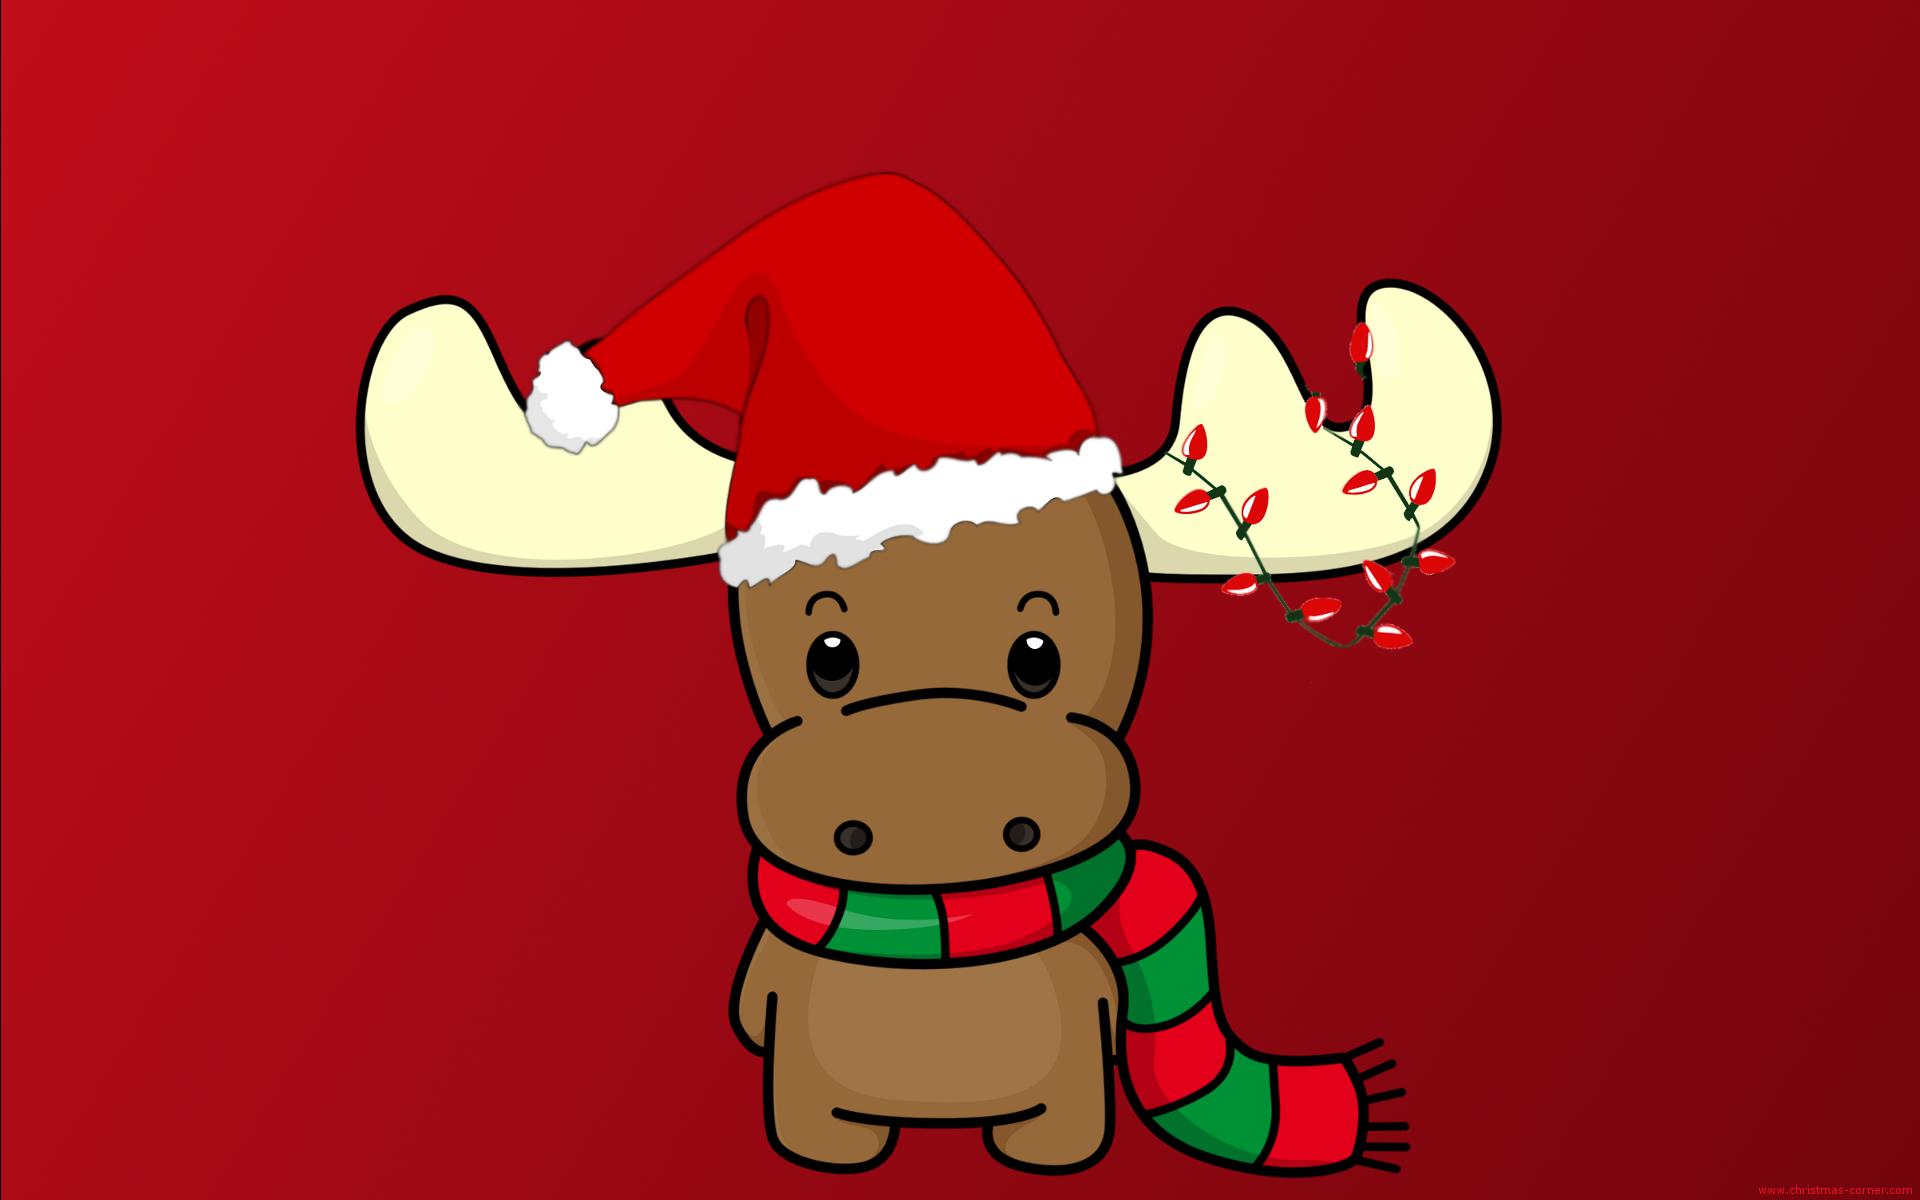 http://www.christmas-corner.com/christmas-wallpaper/christmas-wallpaper-1-widescreen.png